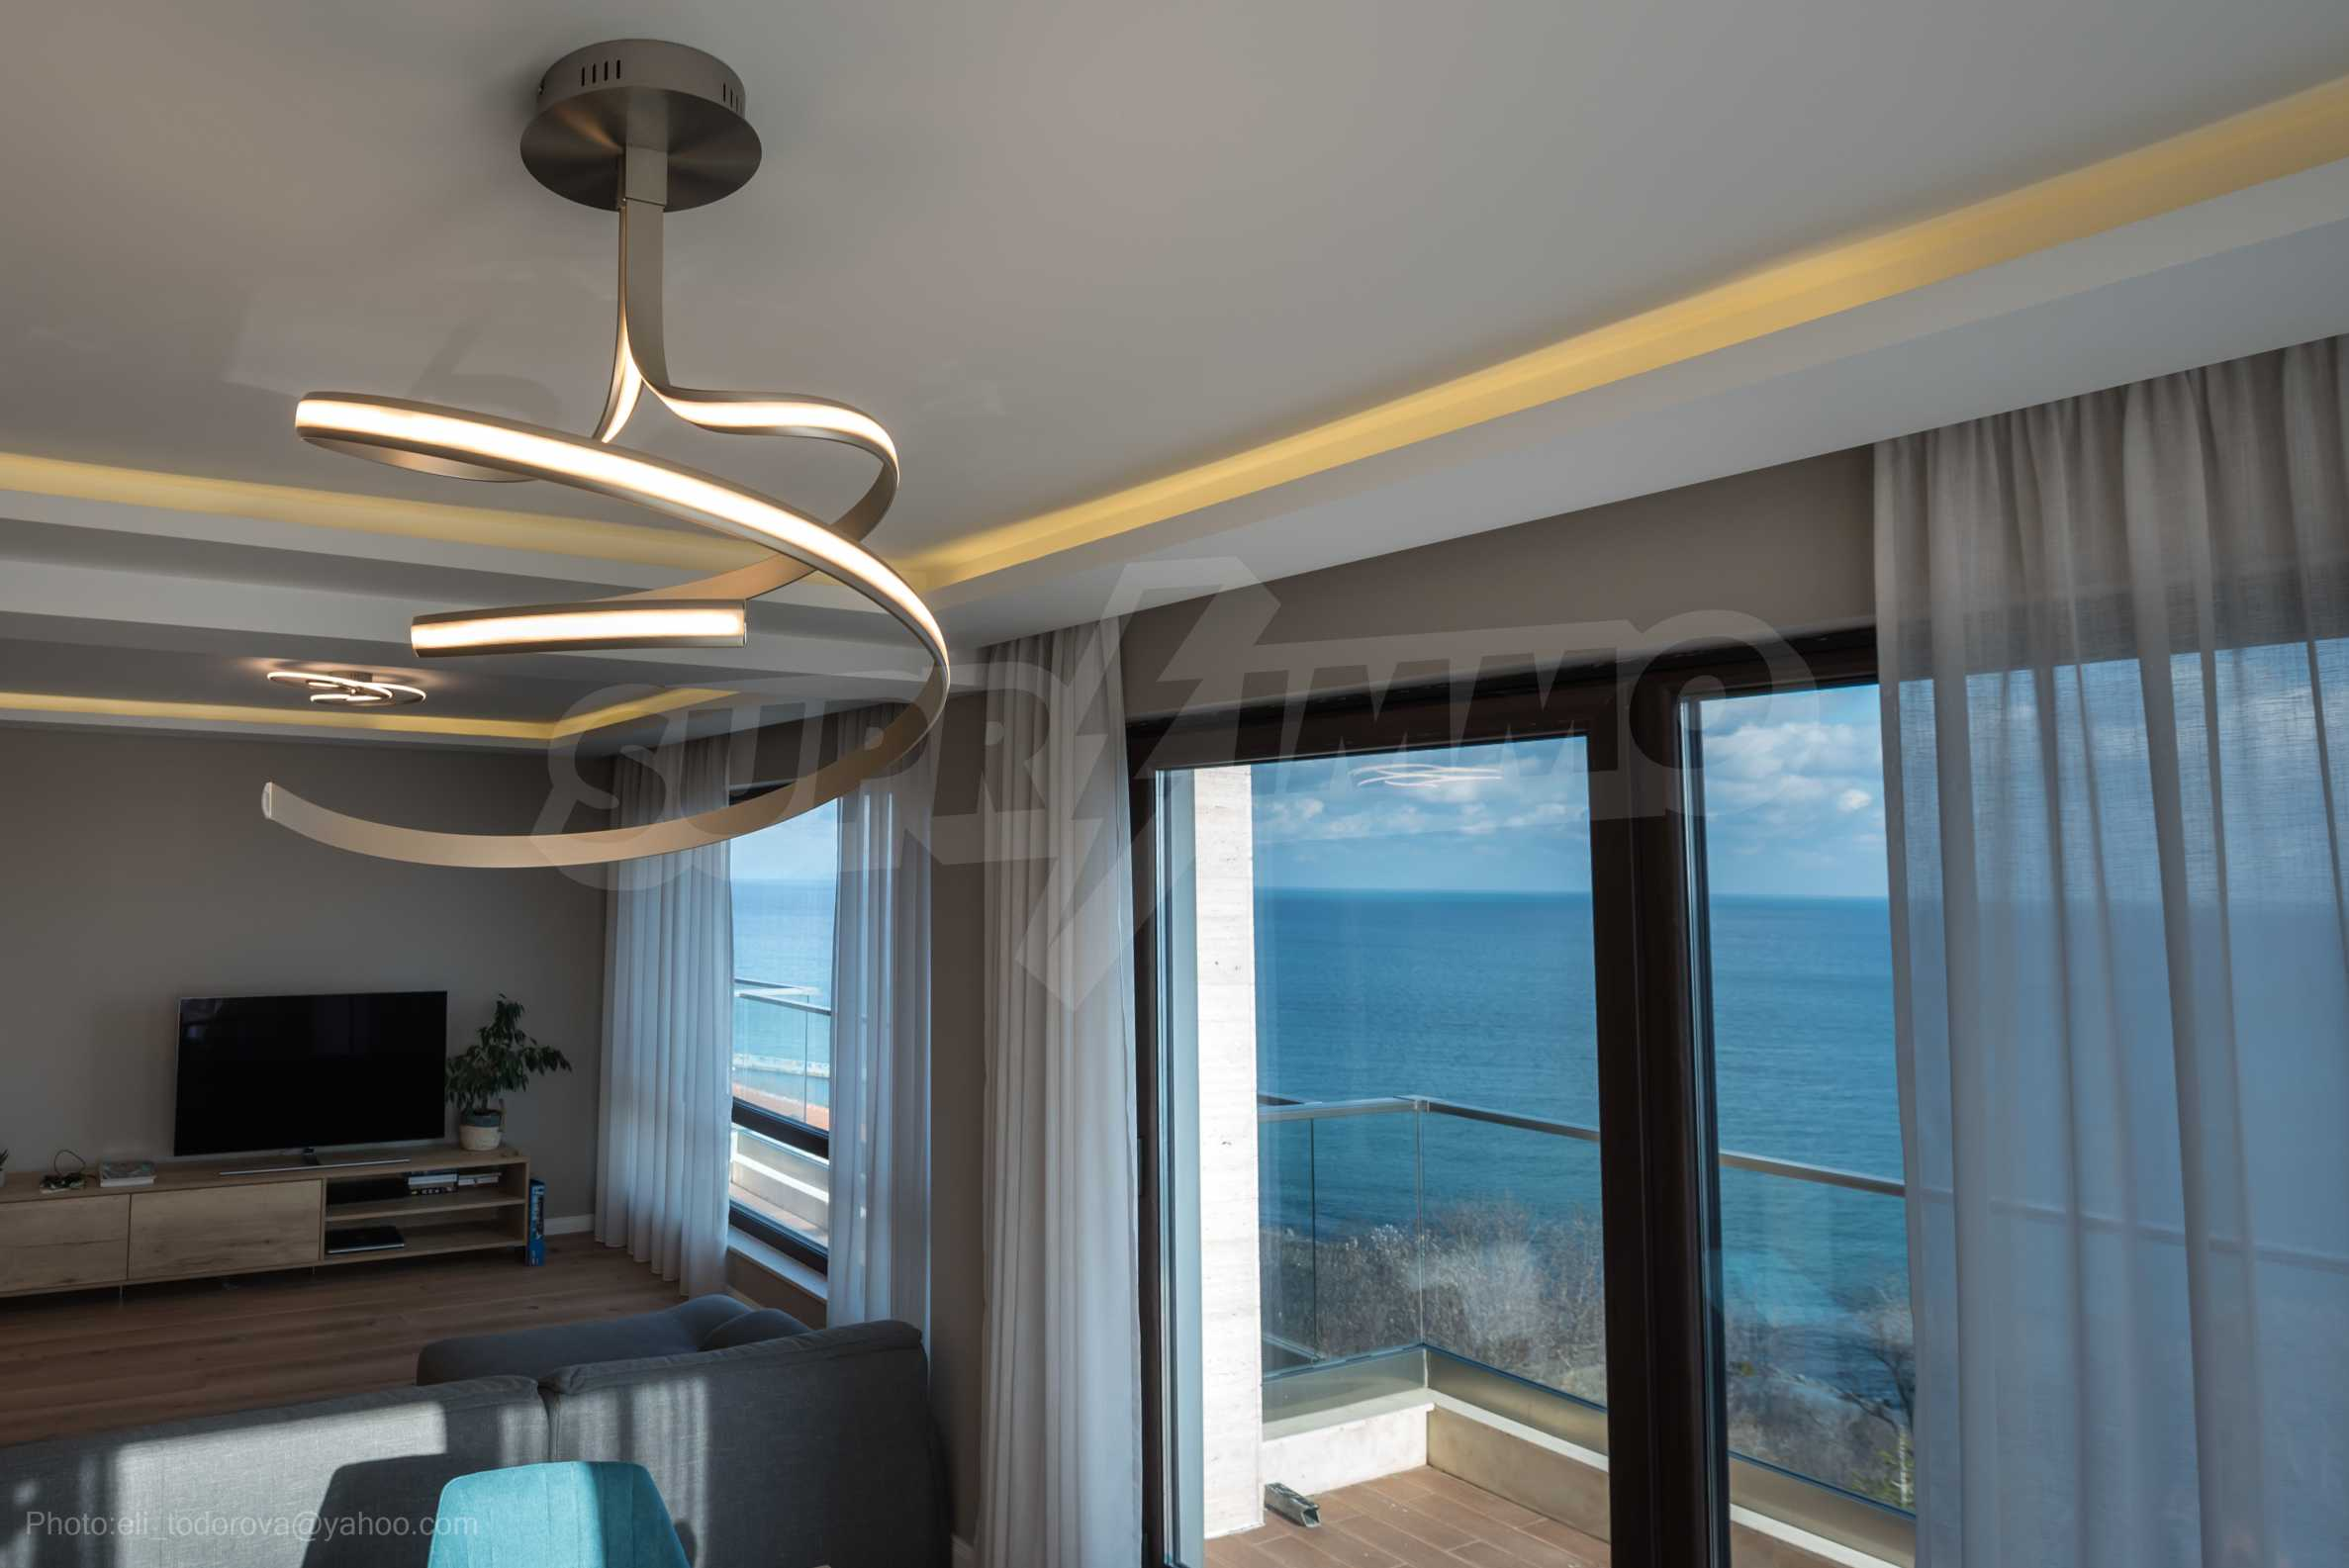 Апартамент Елеганс Вю - тристаен имот с уникална гледка към морето 6